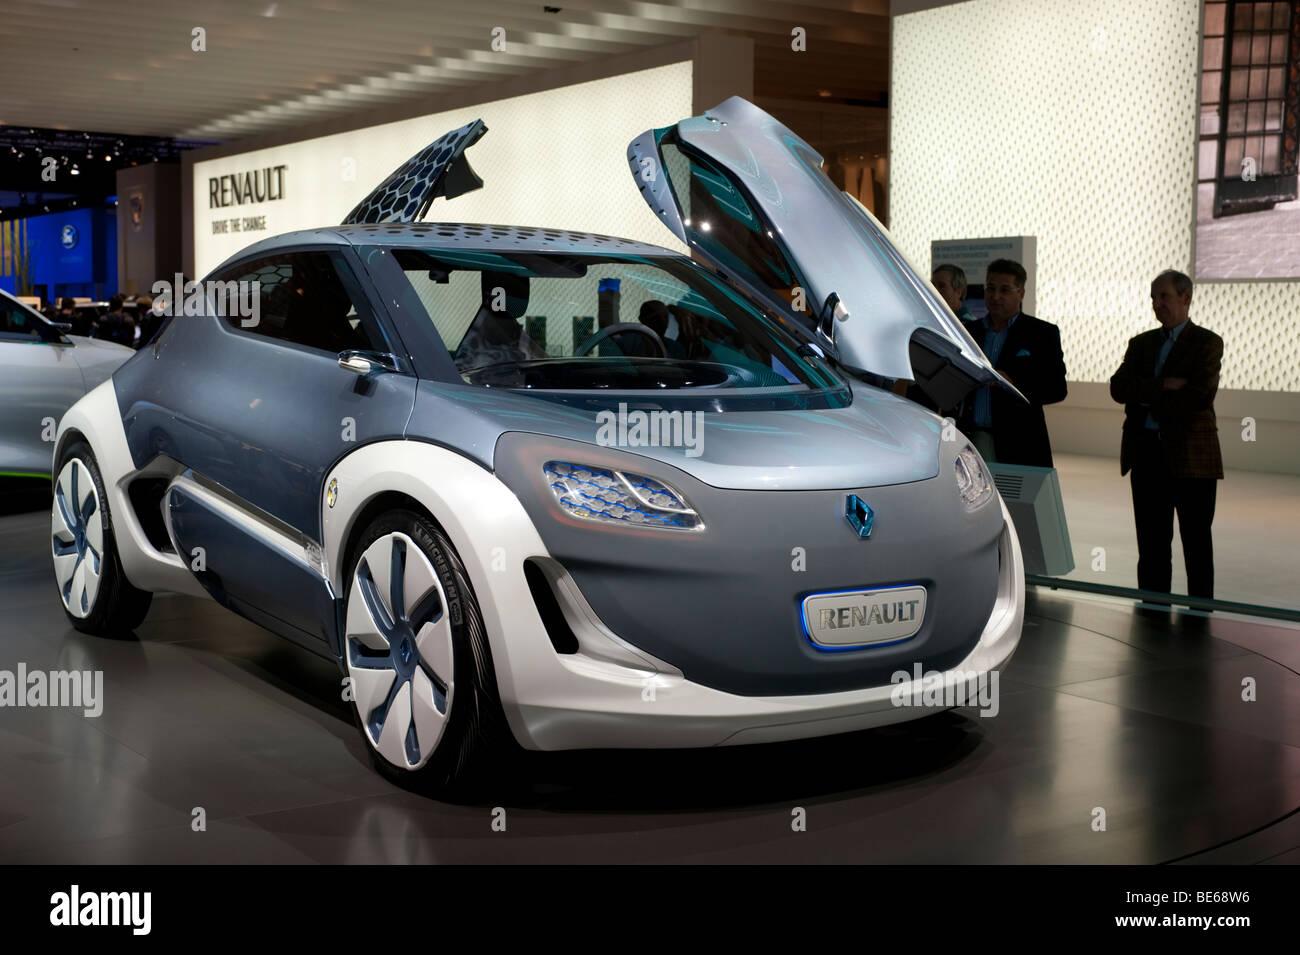 Renault Zoe ZE concepto futurista coche eléctrico en el Salón de Frankfurt Motor Show 2009 Imagen De Stock